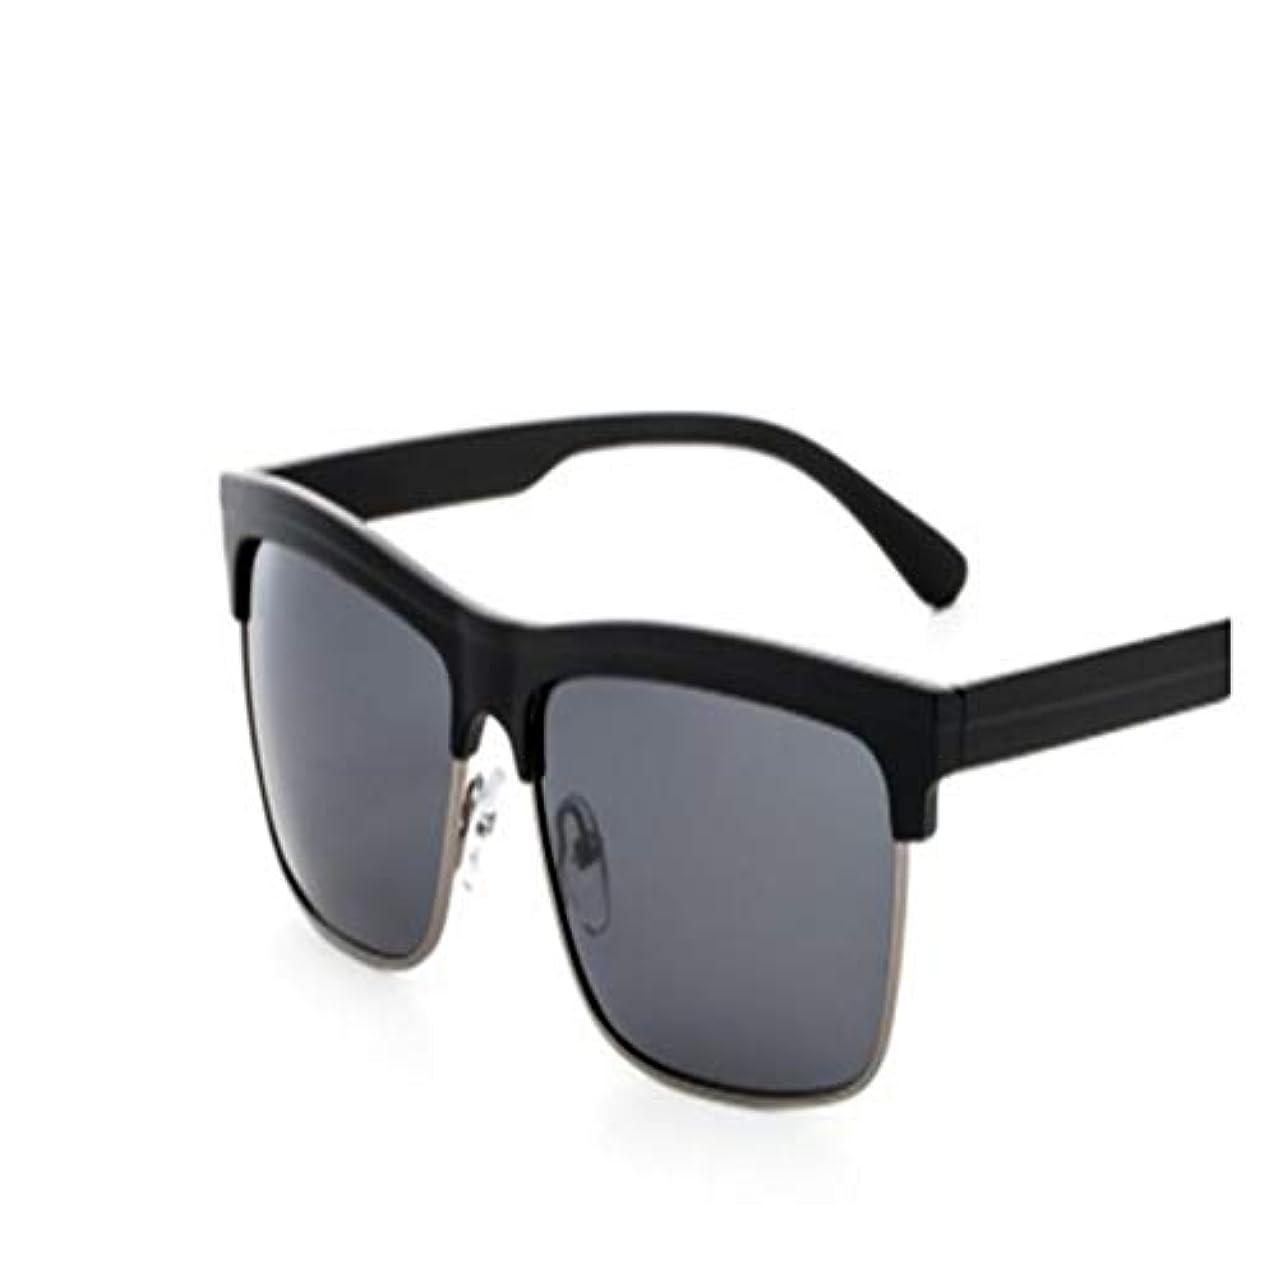 ヒロイン説得力のある記事メンズファッション偏光サングラスカジュアルメタルフレームレトロドライビングメガネビーチメガネアクセサリー-ブライトブラックグレー